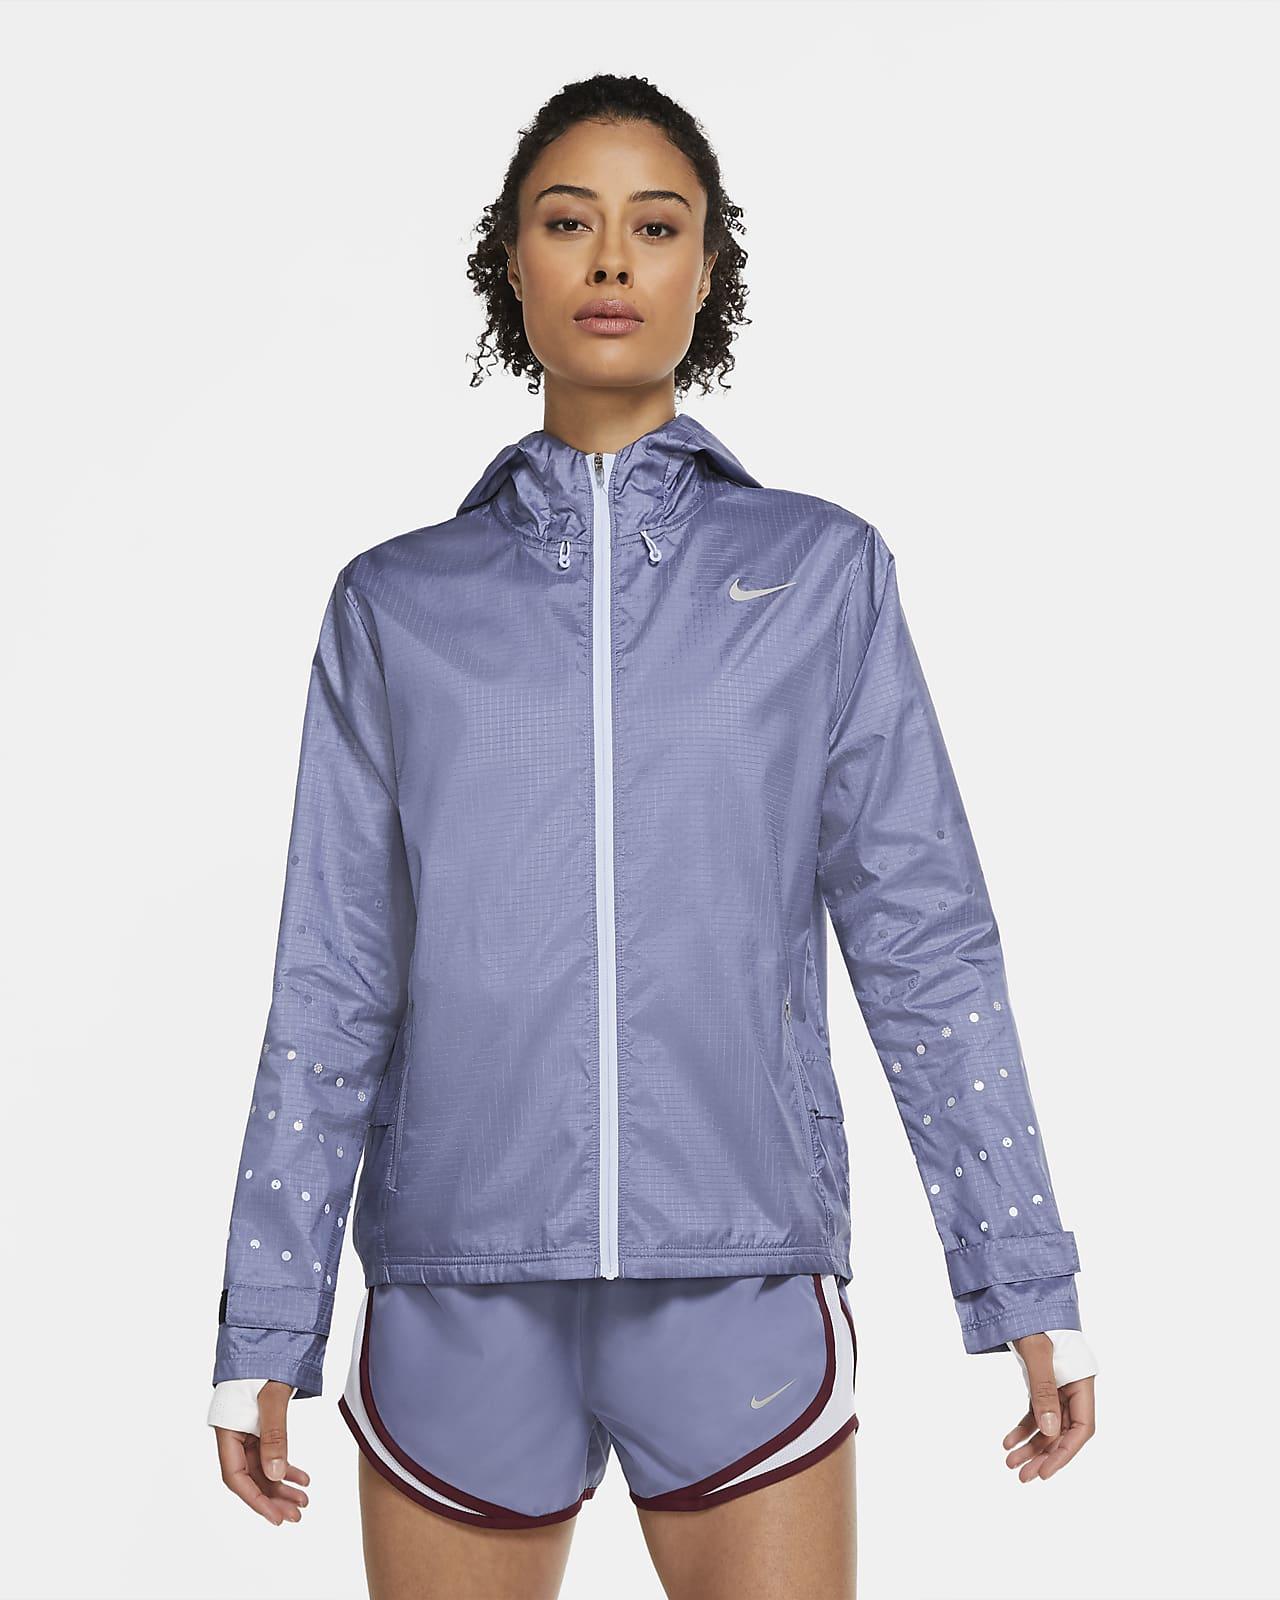 Dámská běžecká bunda skapucí Nike Essential Flash